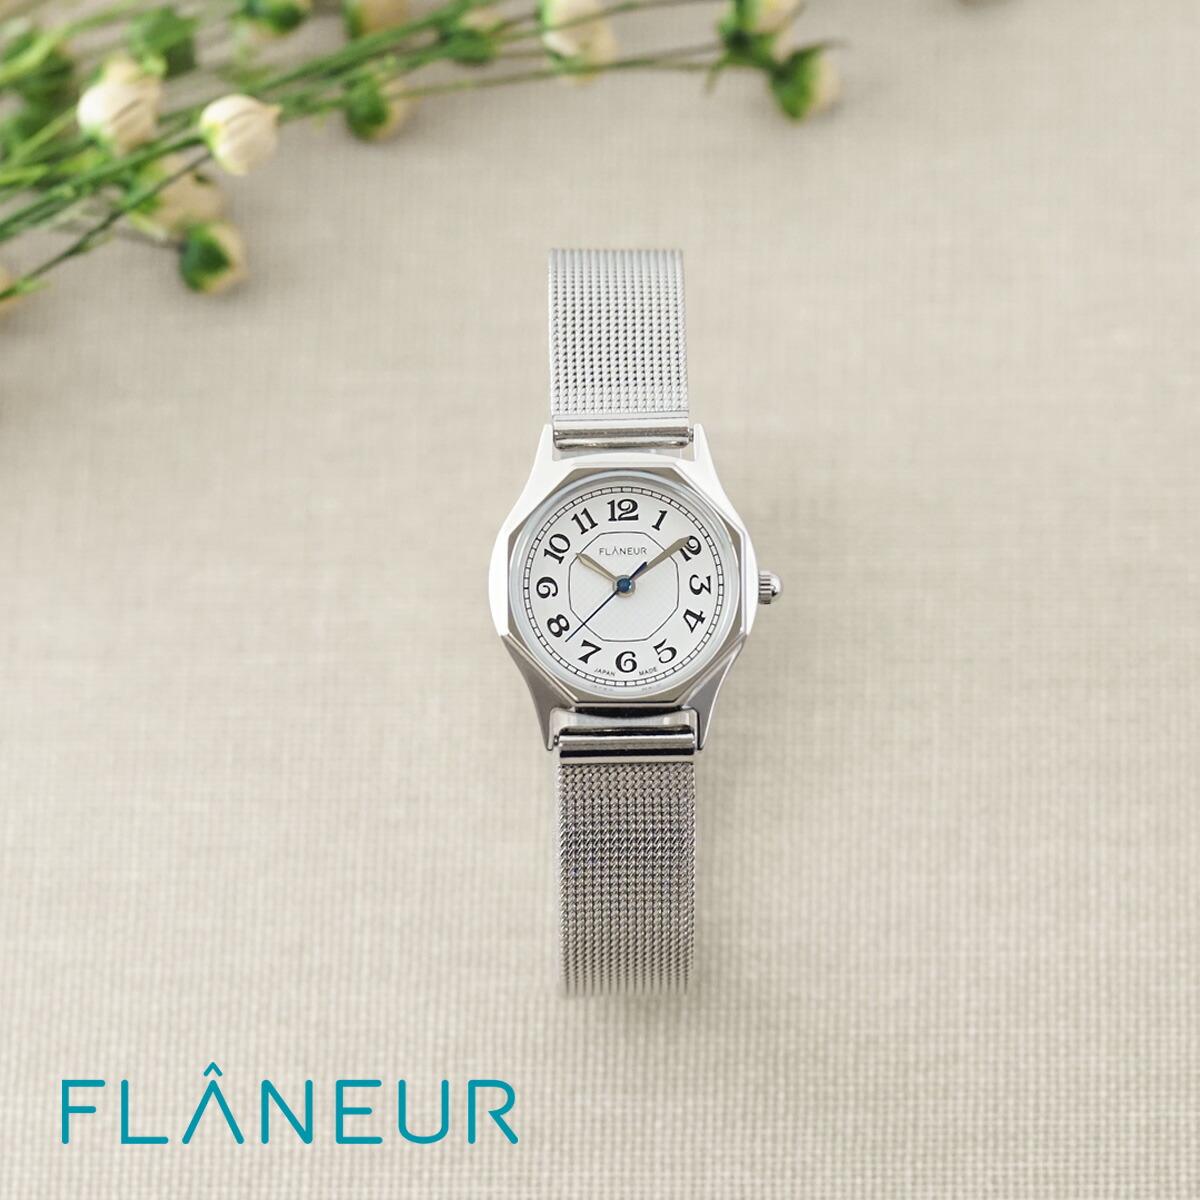 腕時計 レディース ブランドフラヌール 八角形 メッシュベルト シルバー